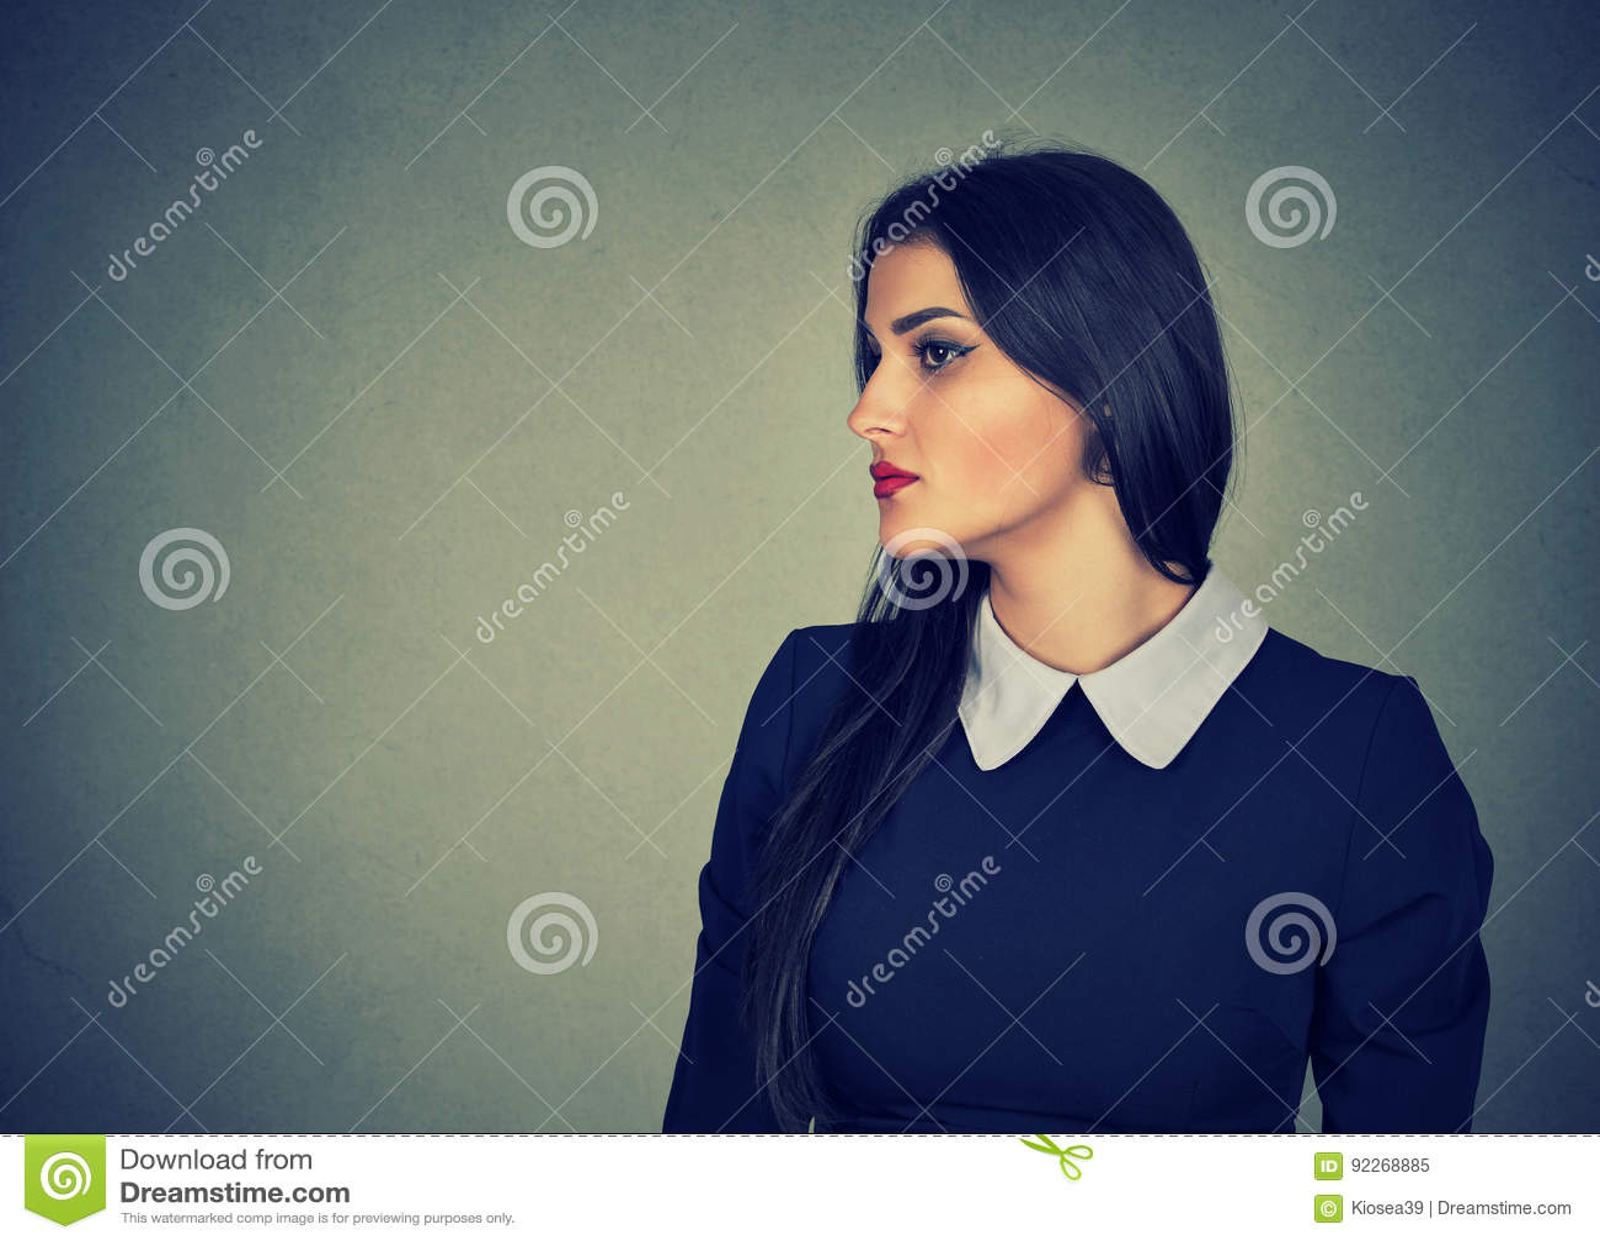 Zijprofiel van een aantrekkelijke vrouw